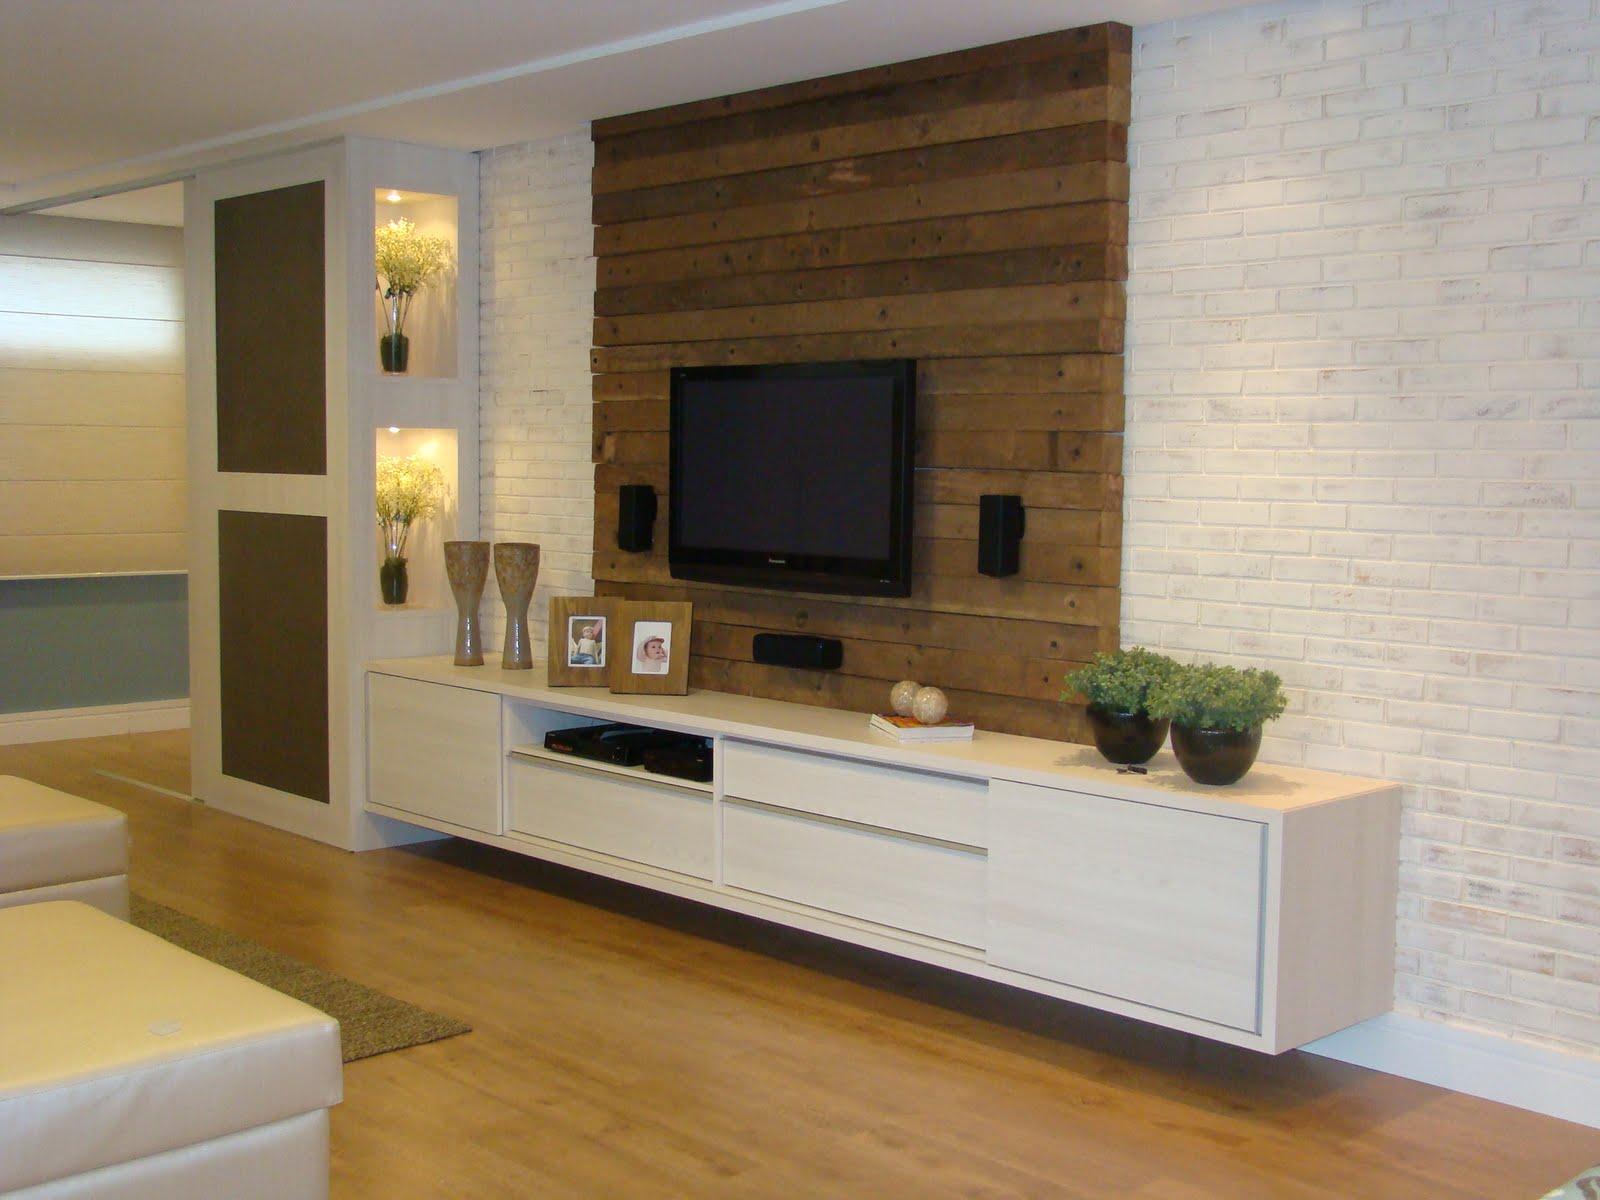 Rustico e Moderno Criam Ambientes Sofisticados Thamar Freire  #664826 1600x1200